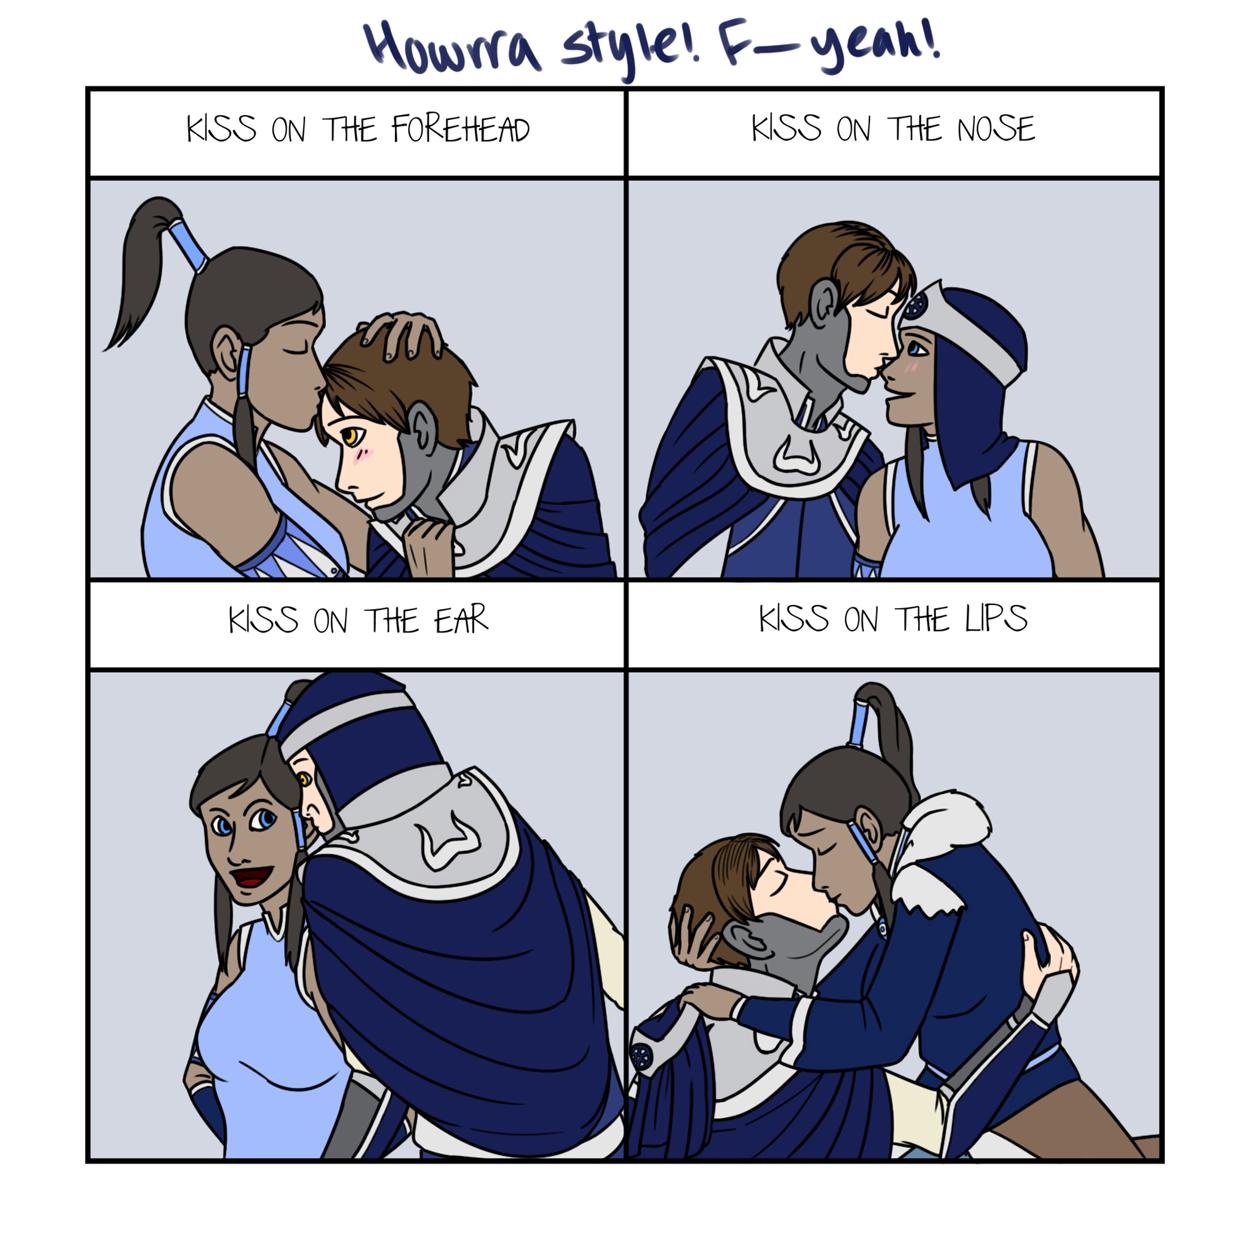 asami and mako relationship memes